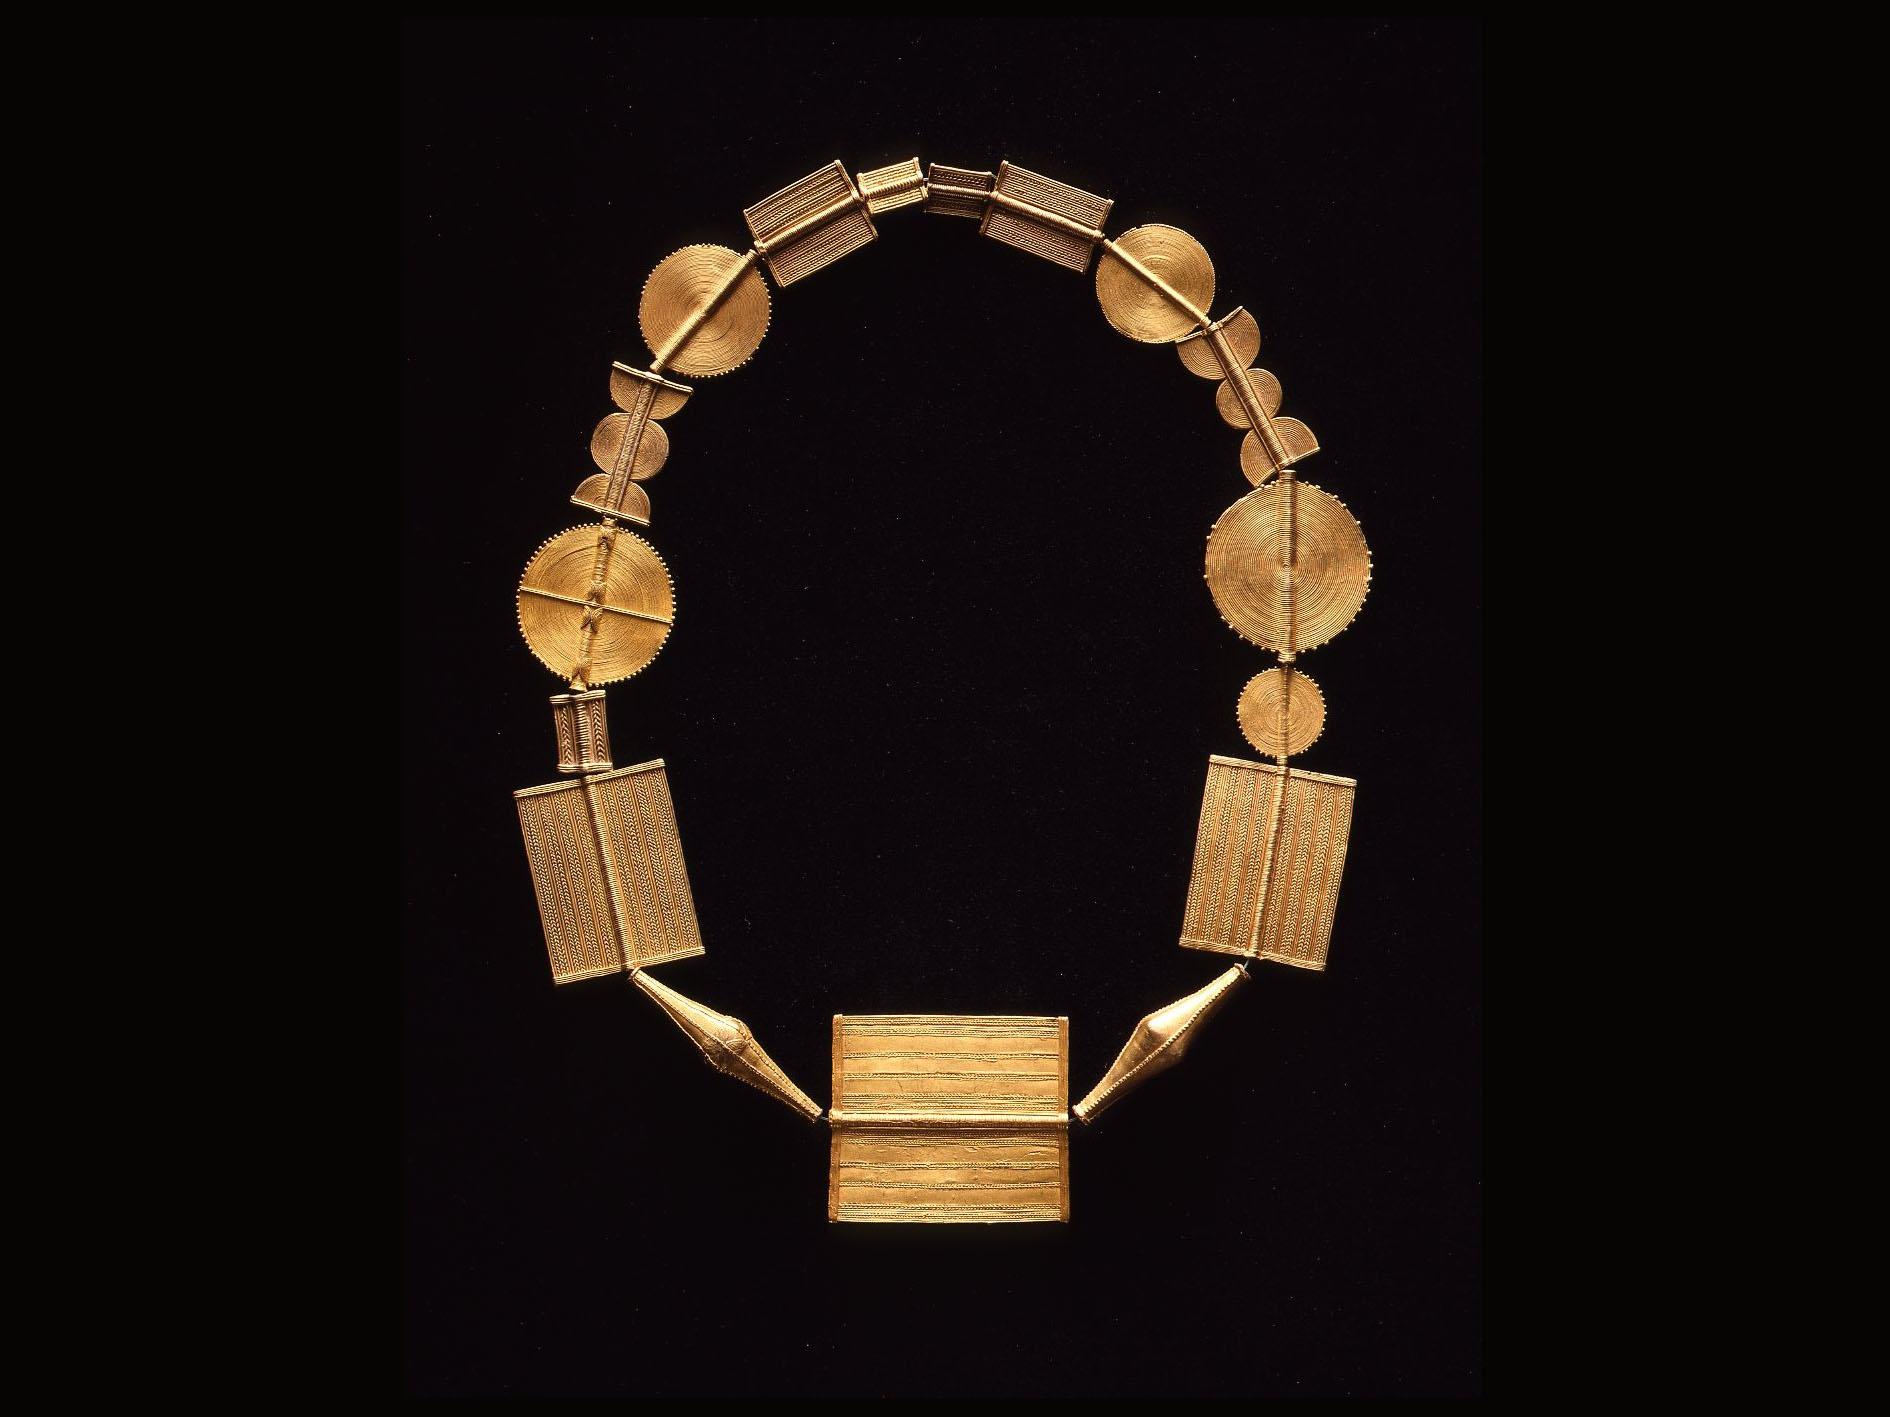 .... Original baoulénecklace from Ivory Coast .. Collier baoulé de Côte d'Ivoire ....